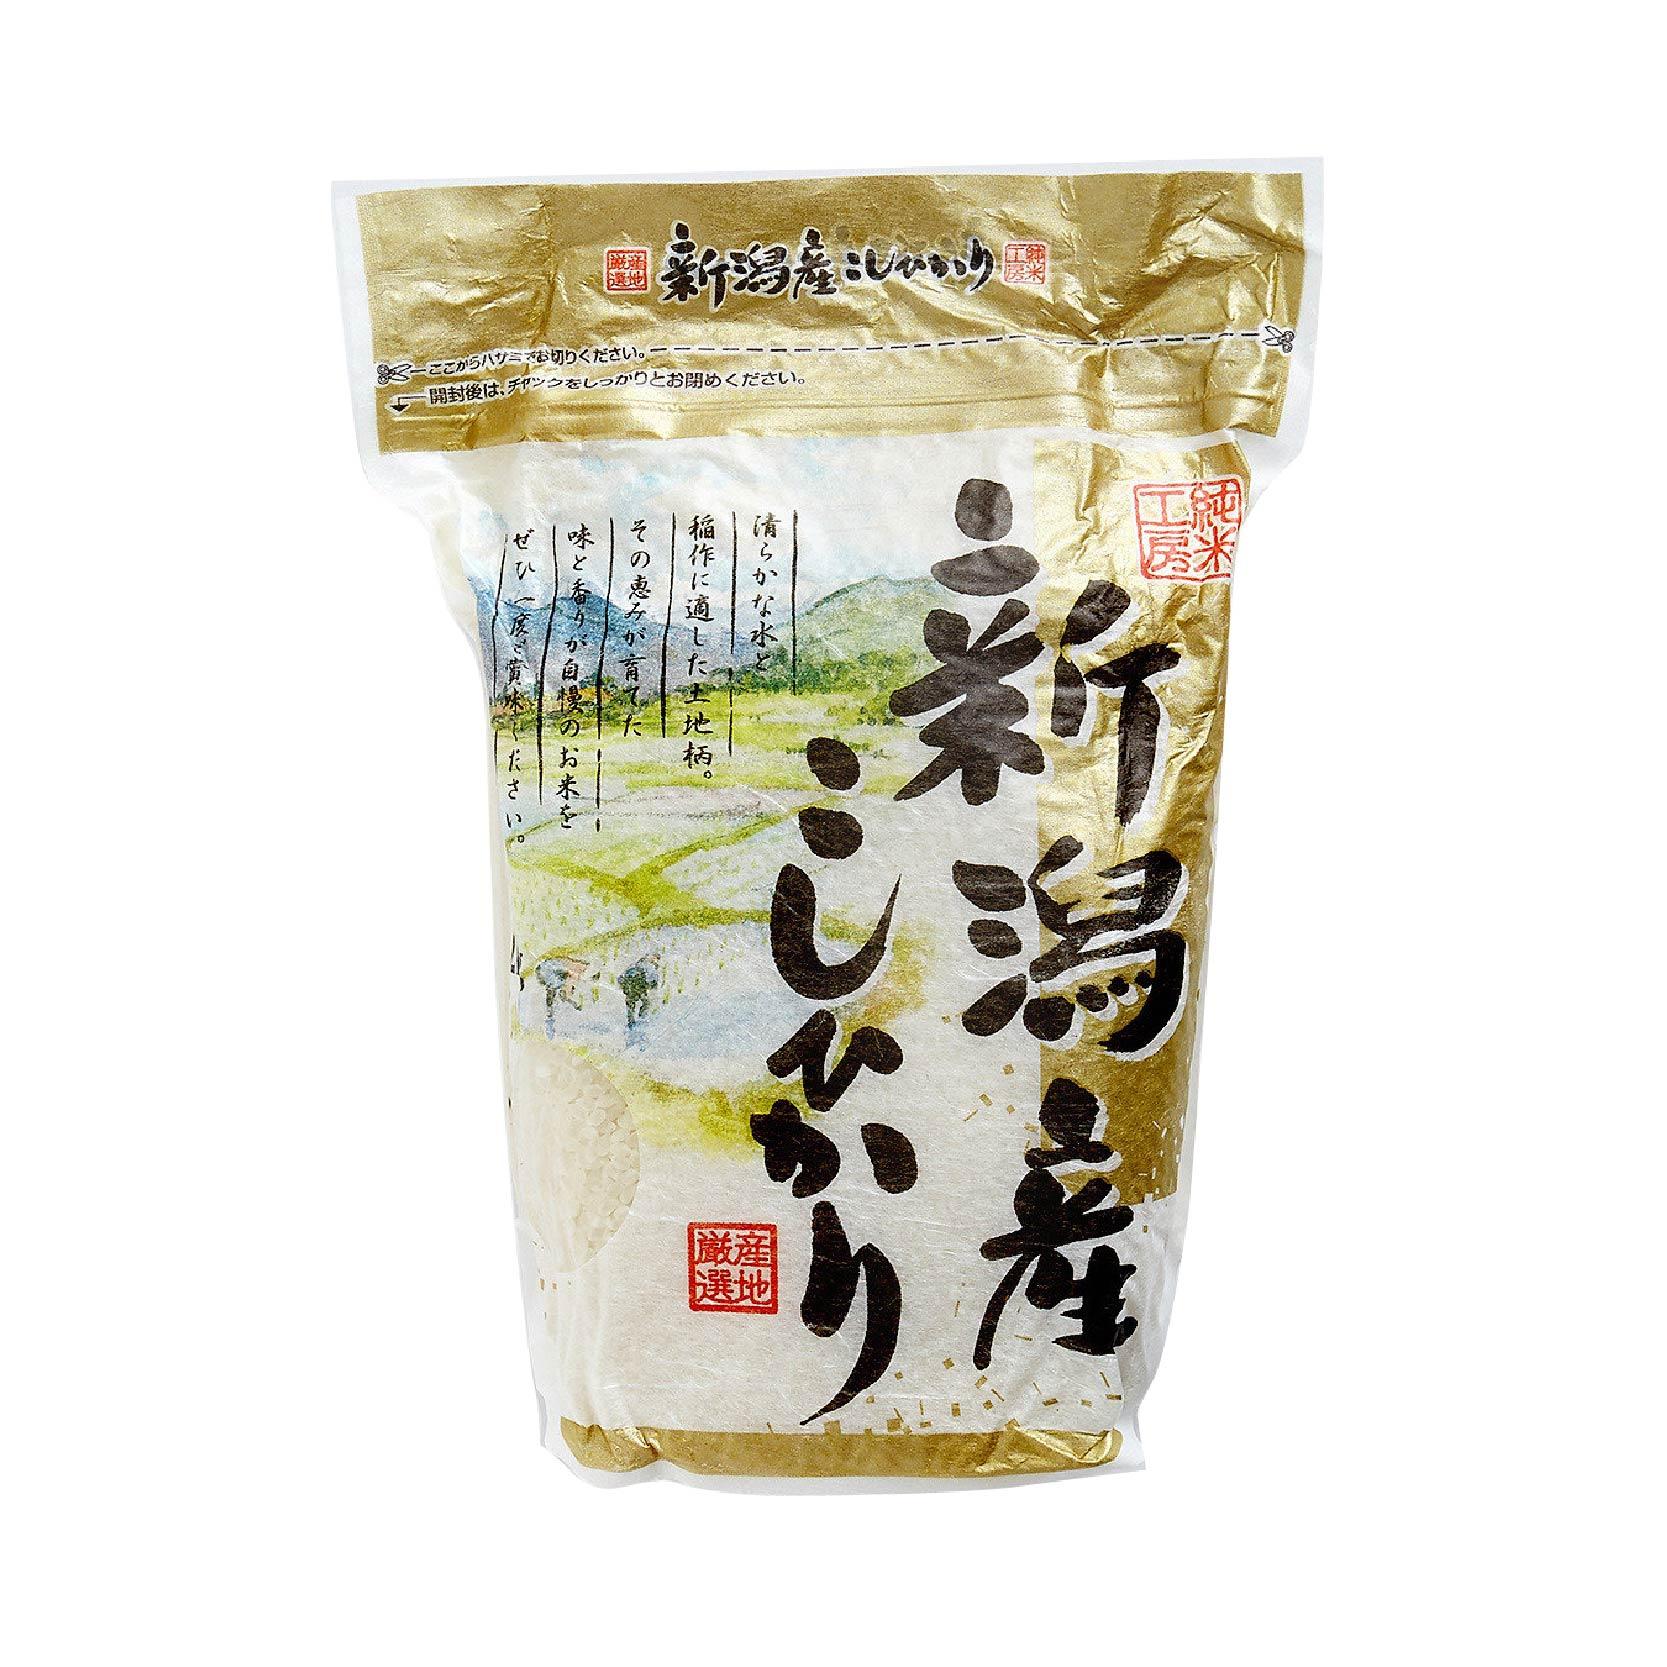 日本純米工房新潟產越之光米 2 公斤